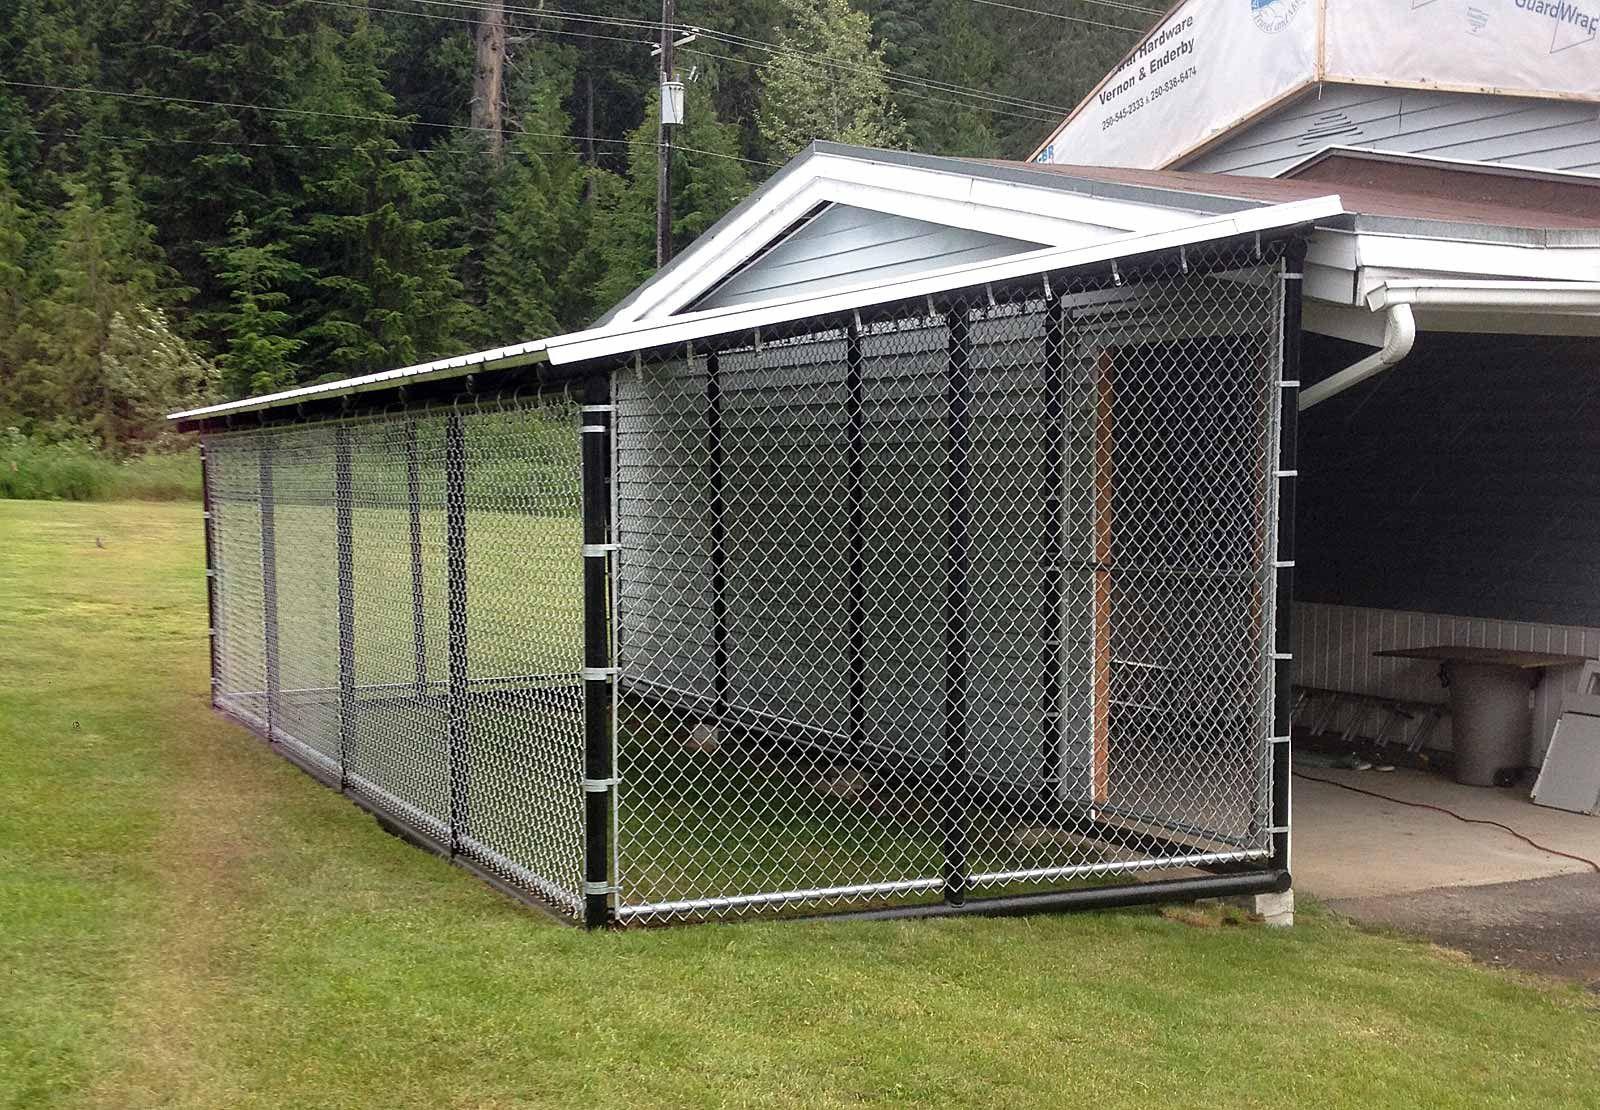 Dog Kennels Big Dog Kennels Chain Link Dog Kennel Diy Dog Kennel Outdoor dog kennel roof ideas